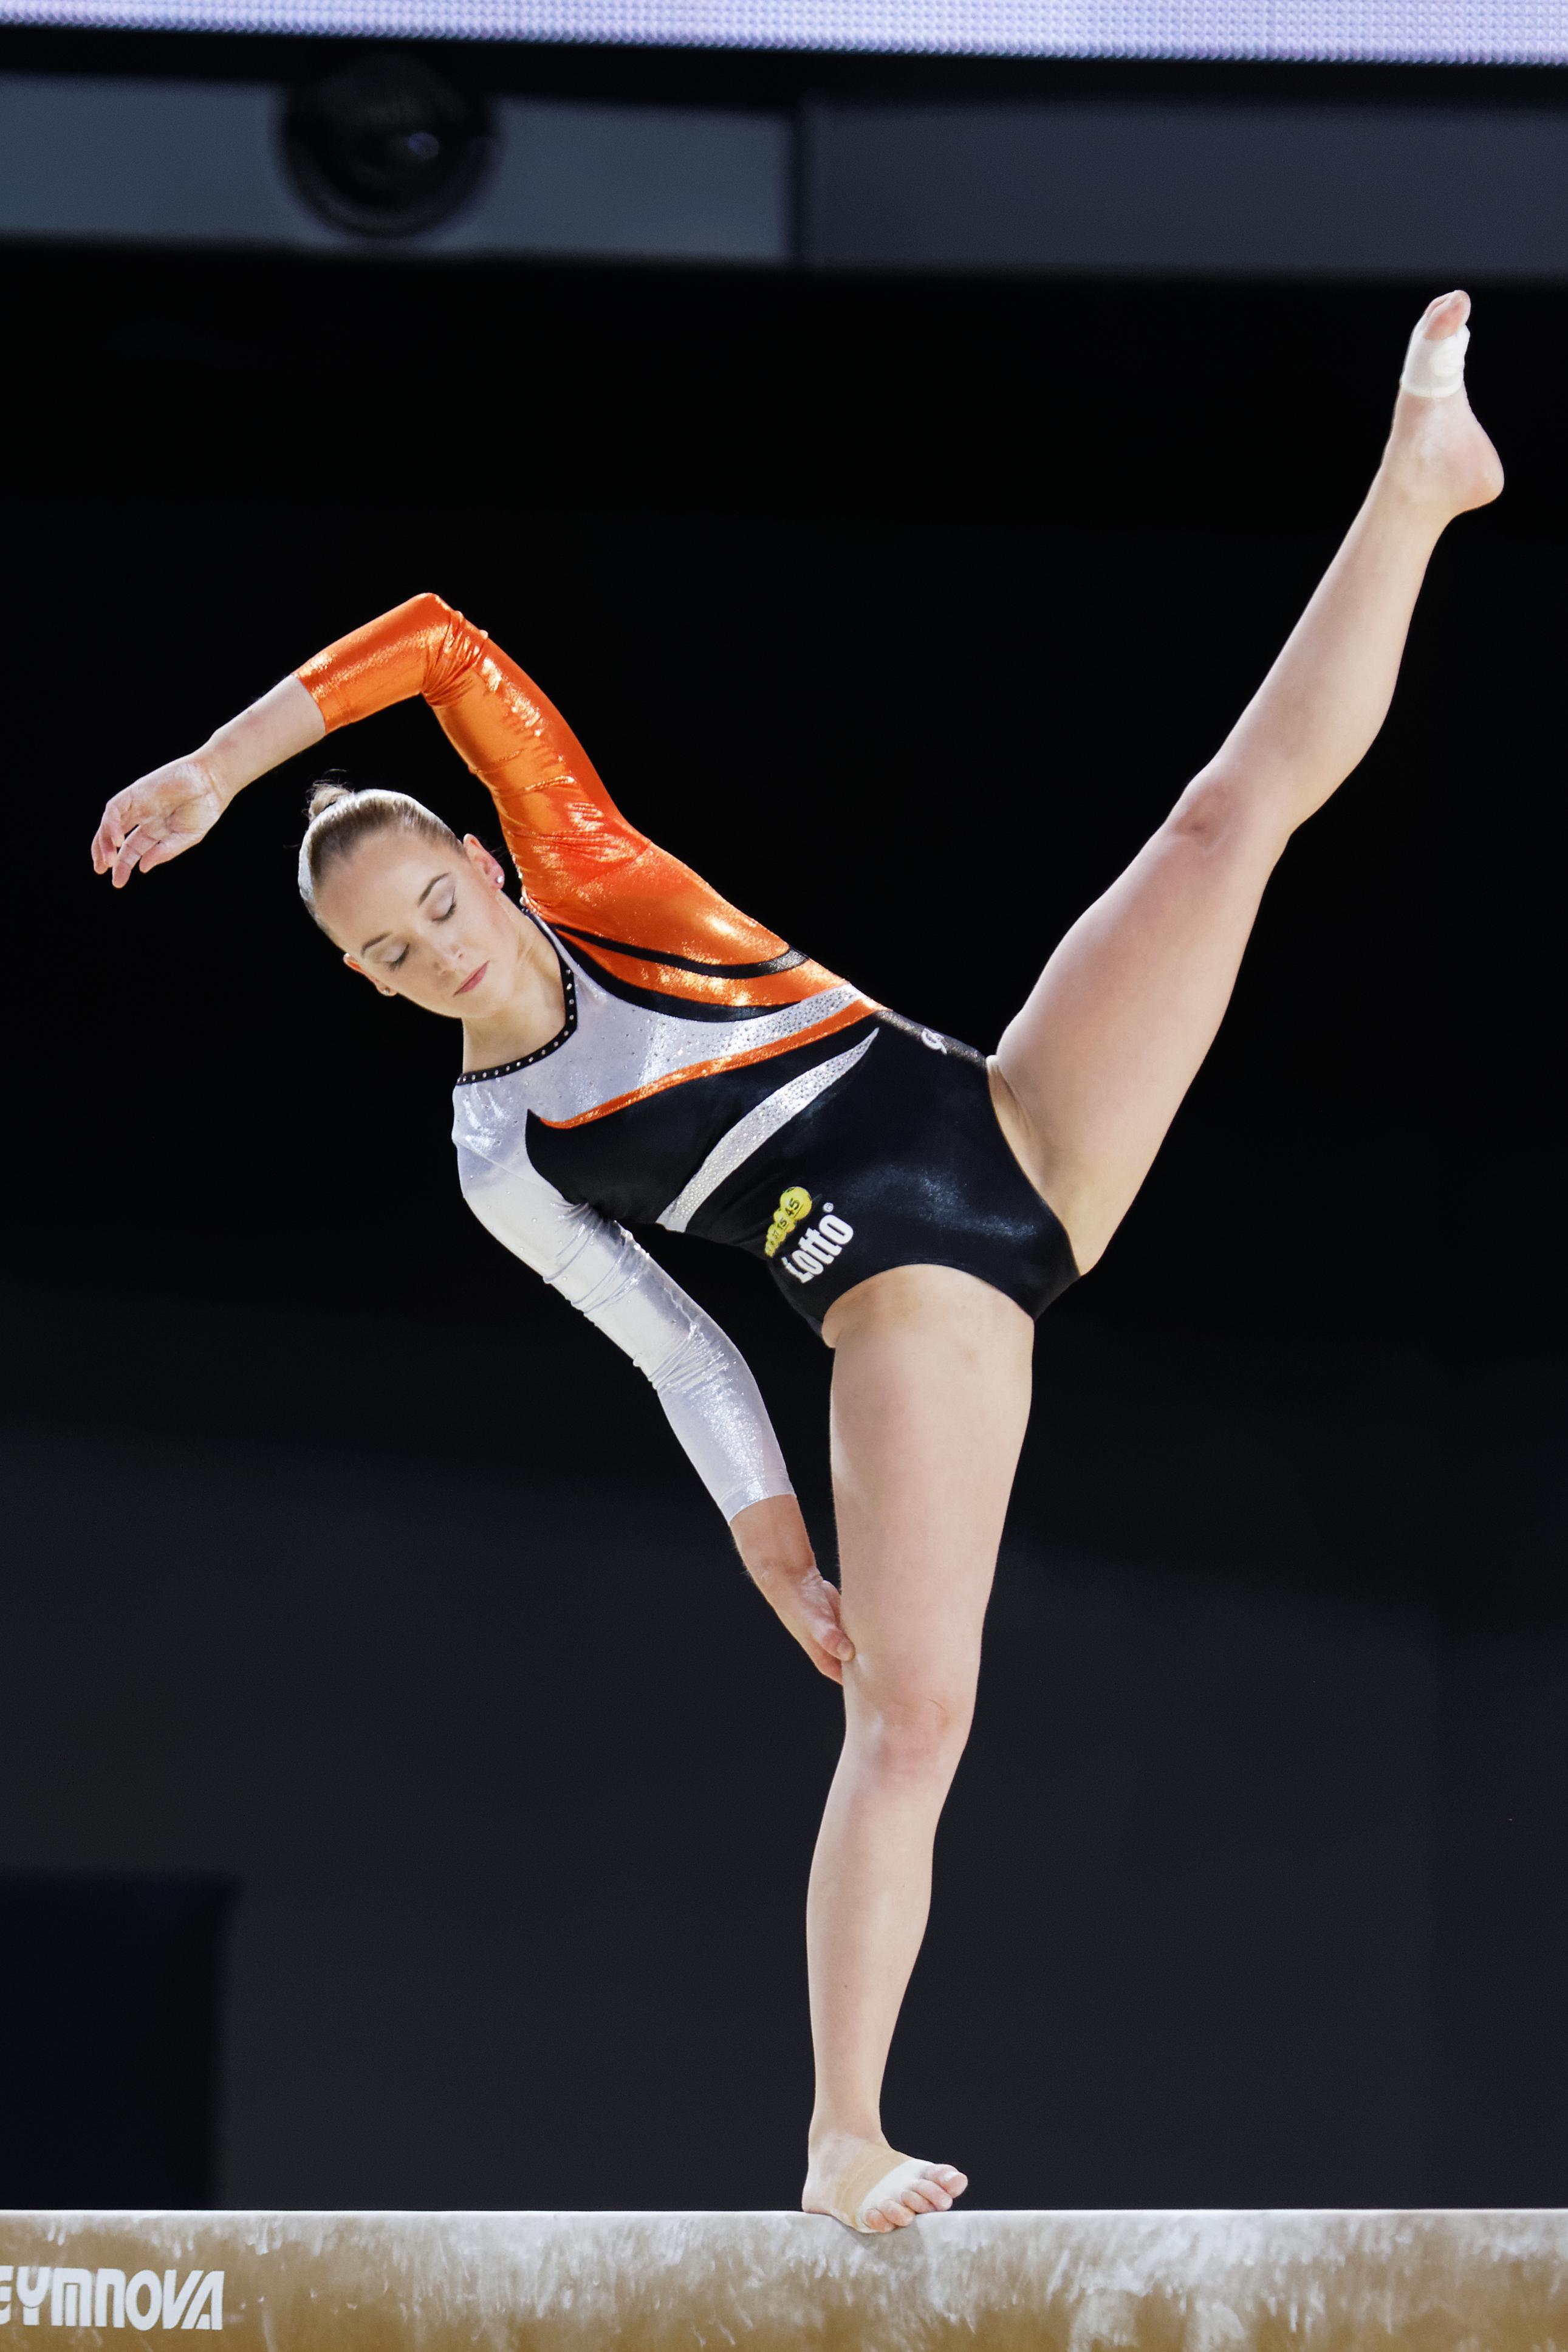 xxx gymnast